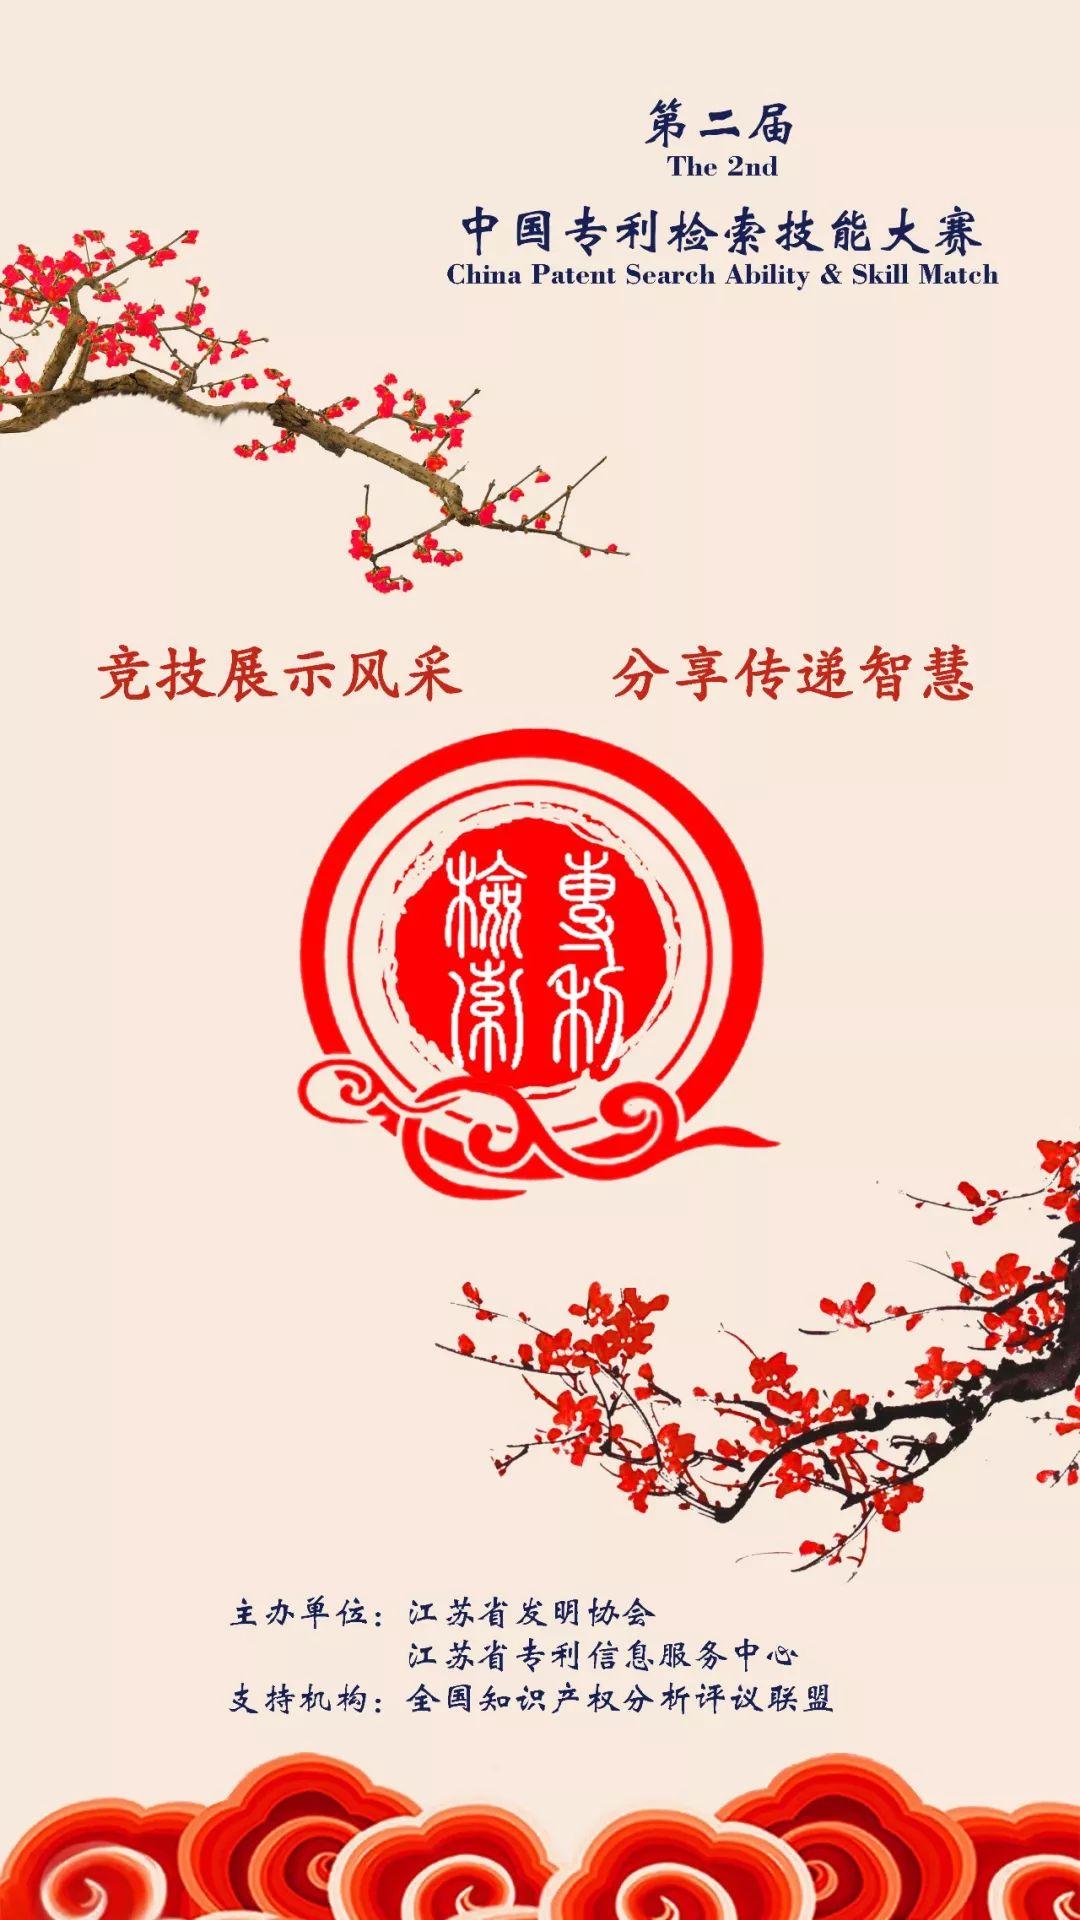 第二届「中国专利检索技能大赛」即将开启!